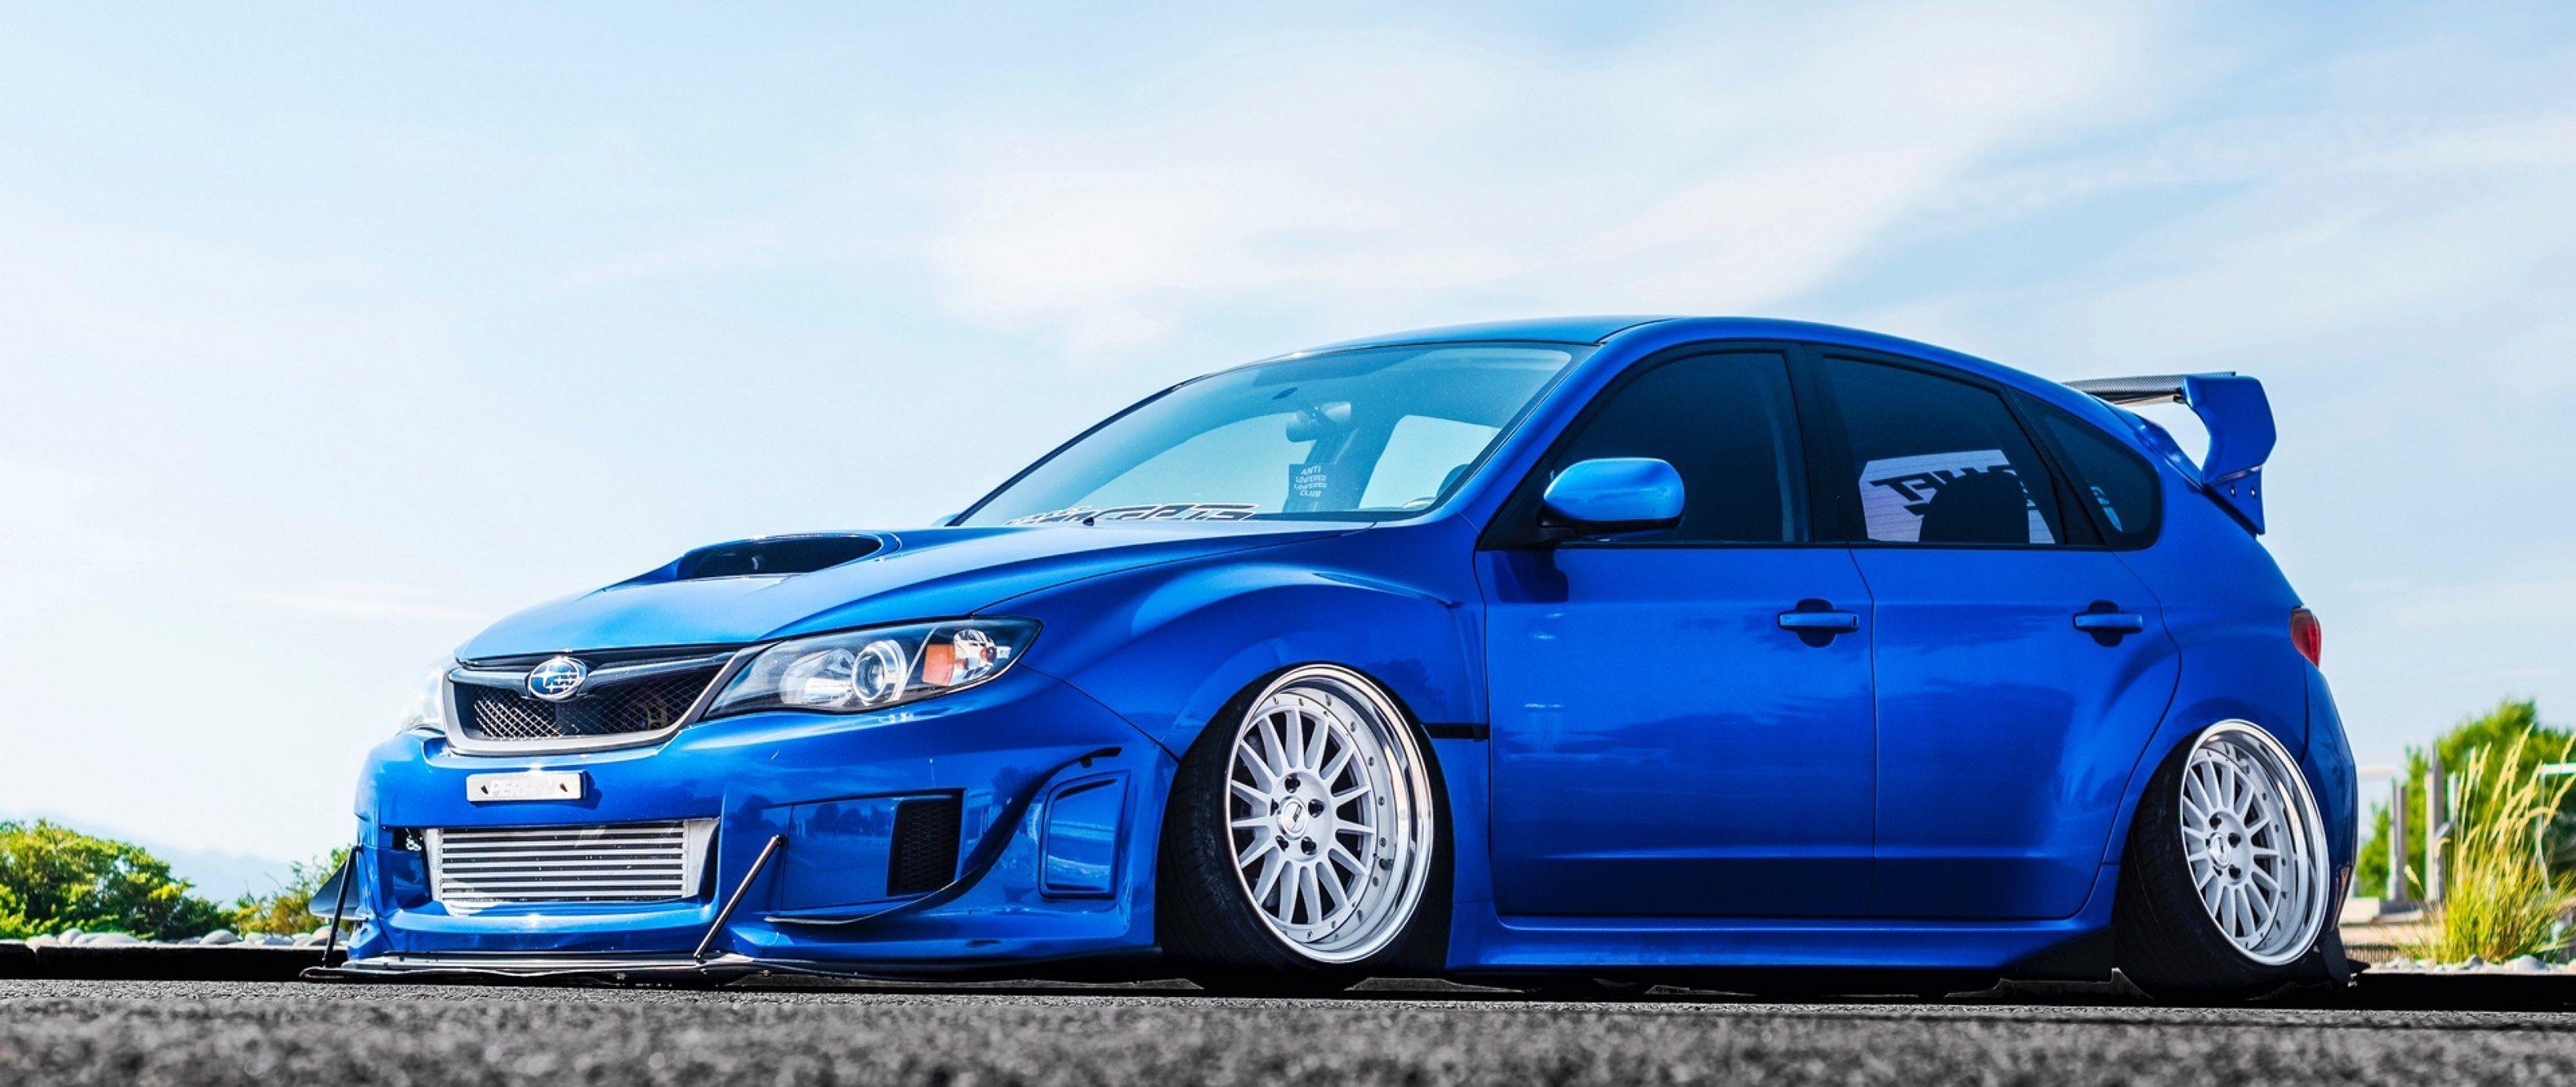 Subaru Impreza In 2020 Subaru Impreza Subaru